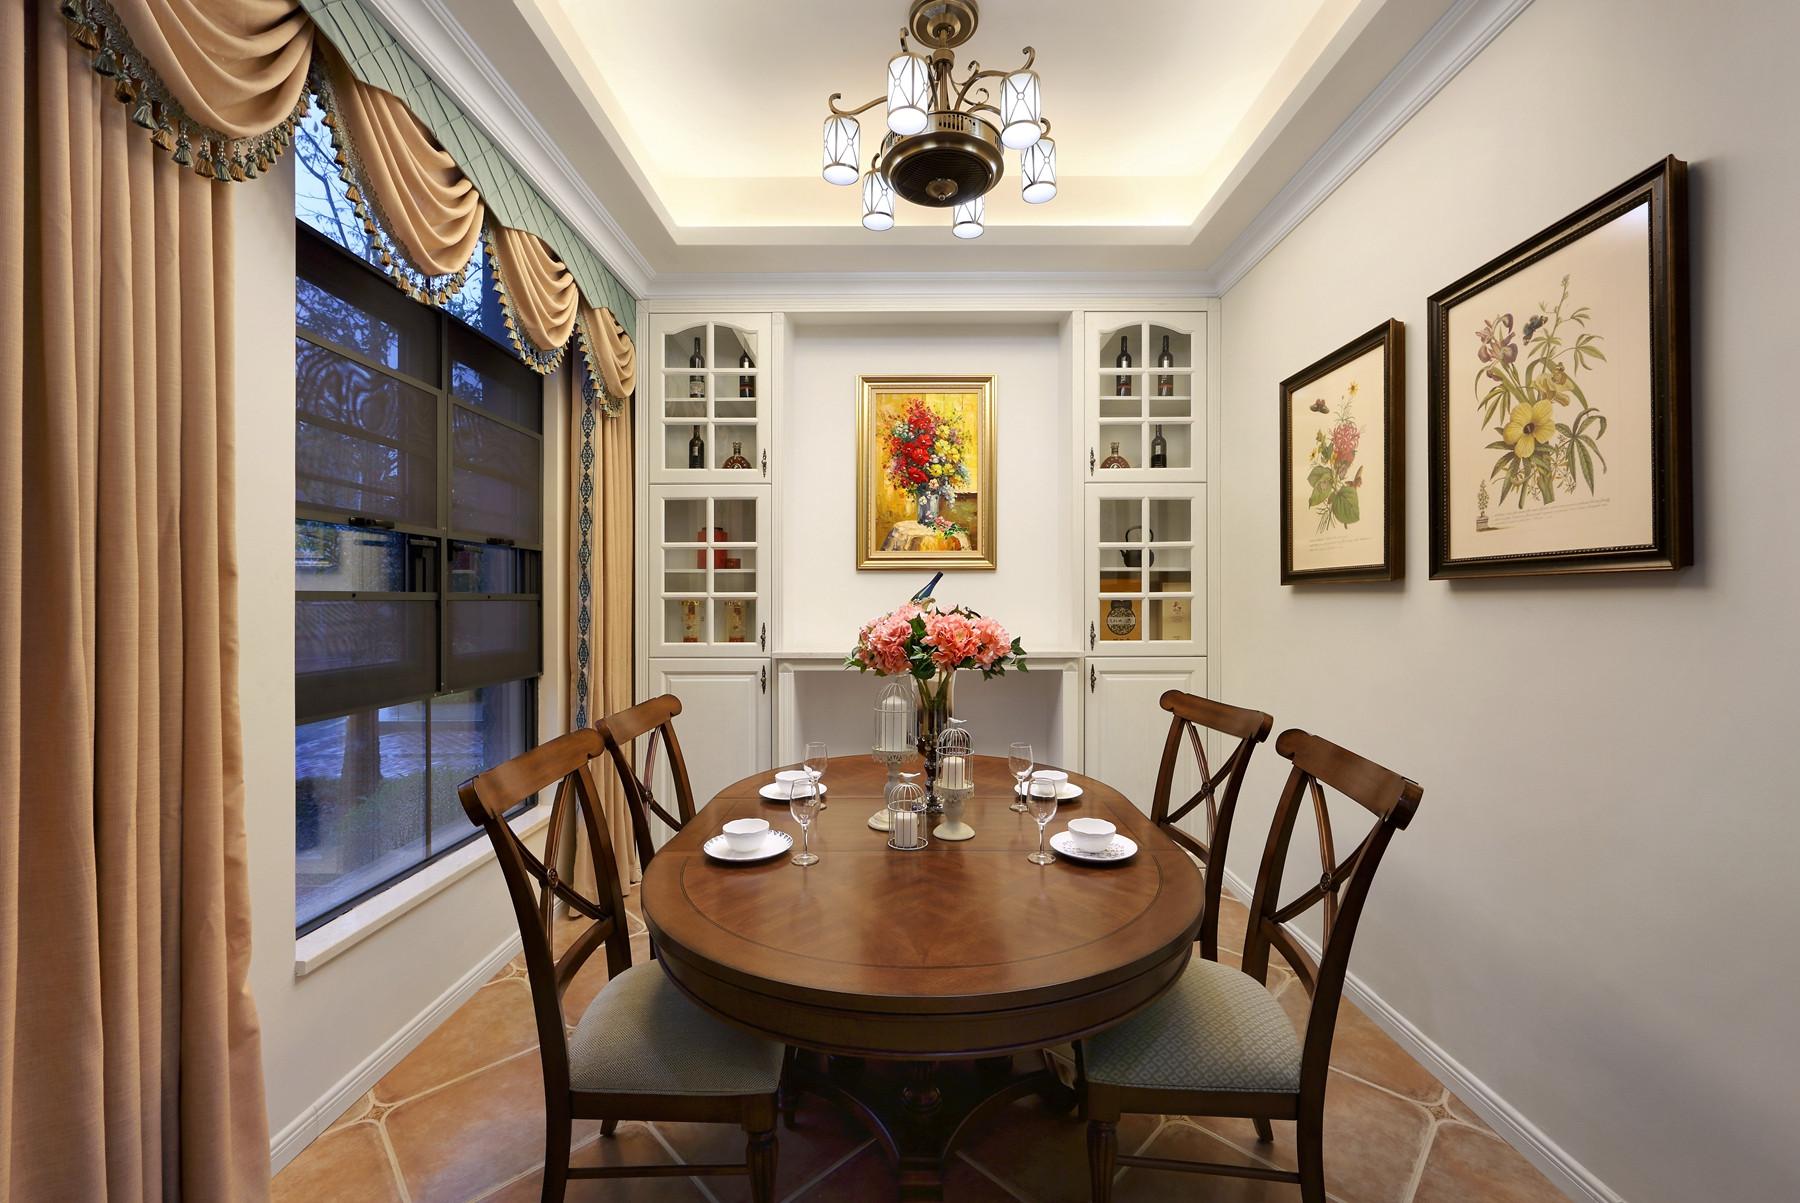 美式别墅装修餐厅布置图